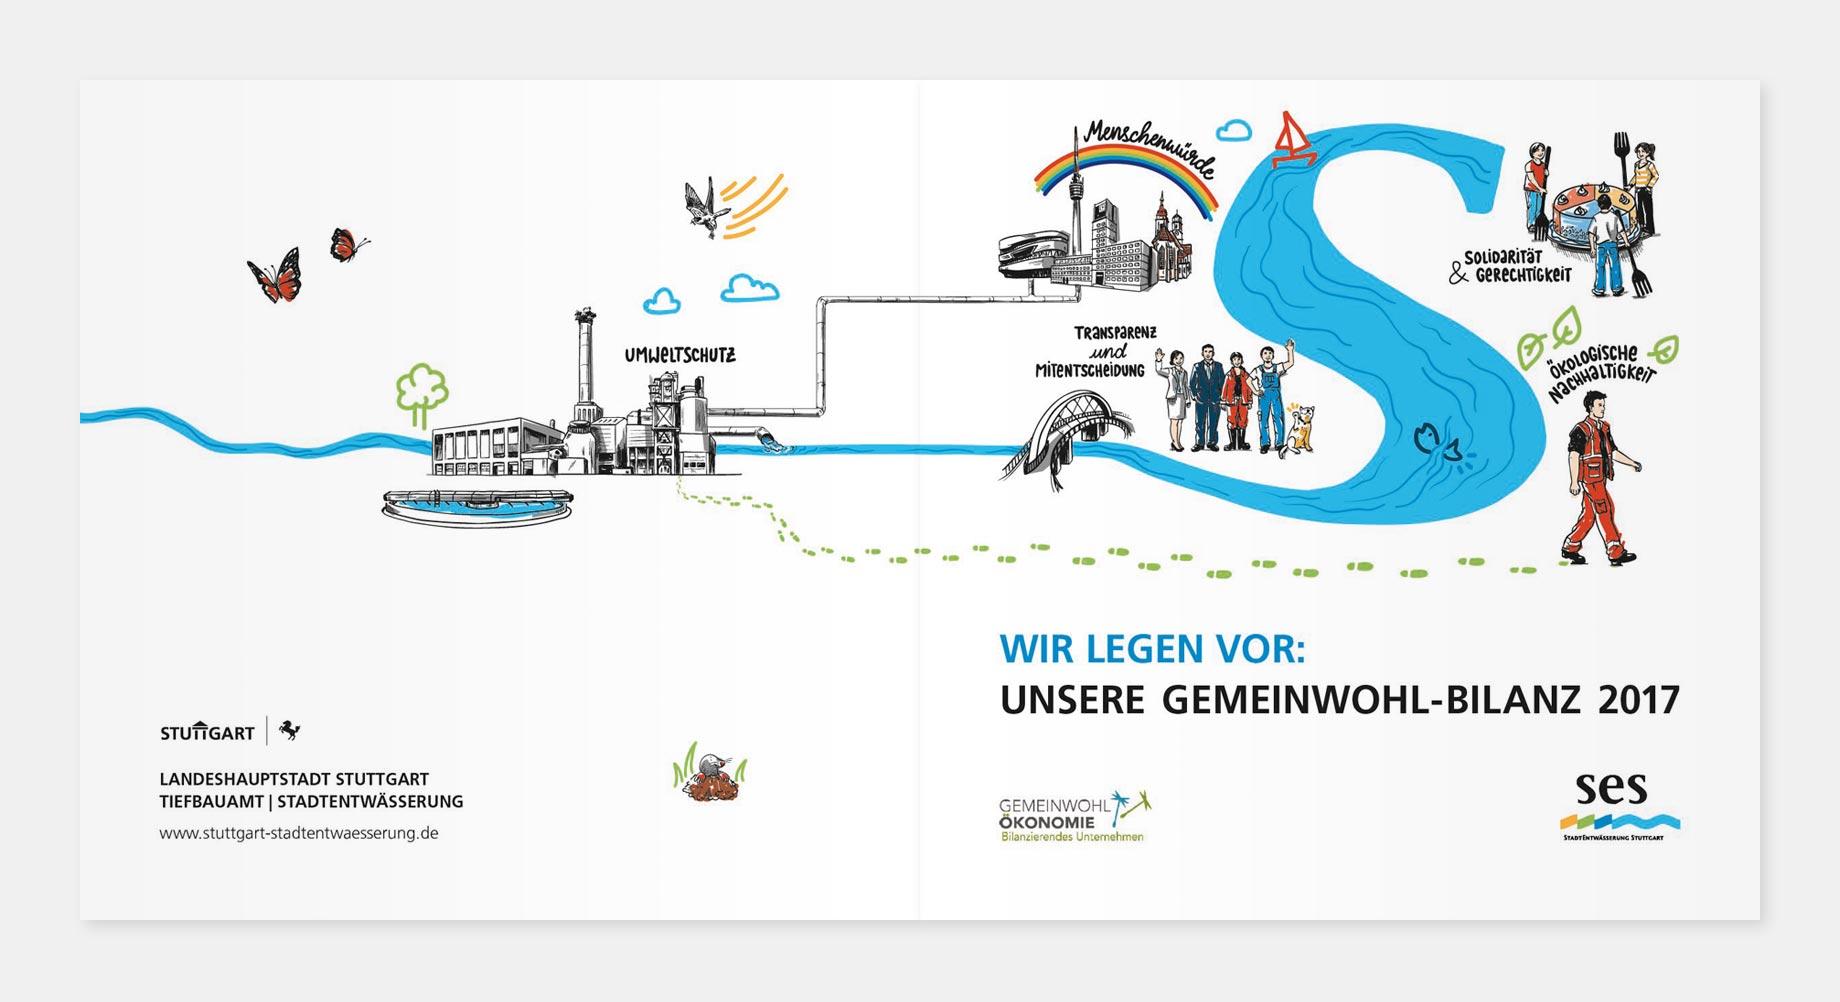 Die SES ist der zweite kommunale Betrieb weltweit, der eine Gemeinwohl-Bilanz erstellt hat. Die Kurzfassung des Berichts kann auf der Homepage www.stuttgart-stadtentwaesserung.de heruntergeladen werden.